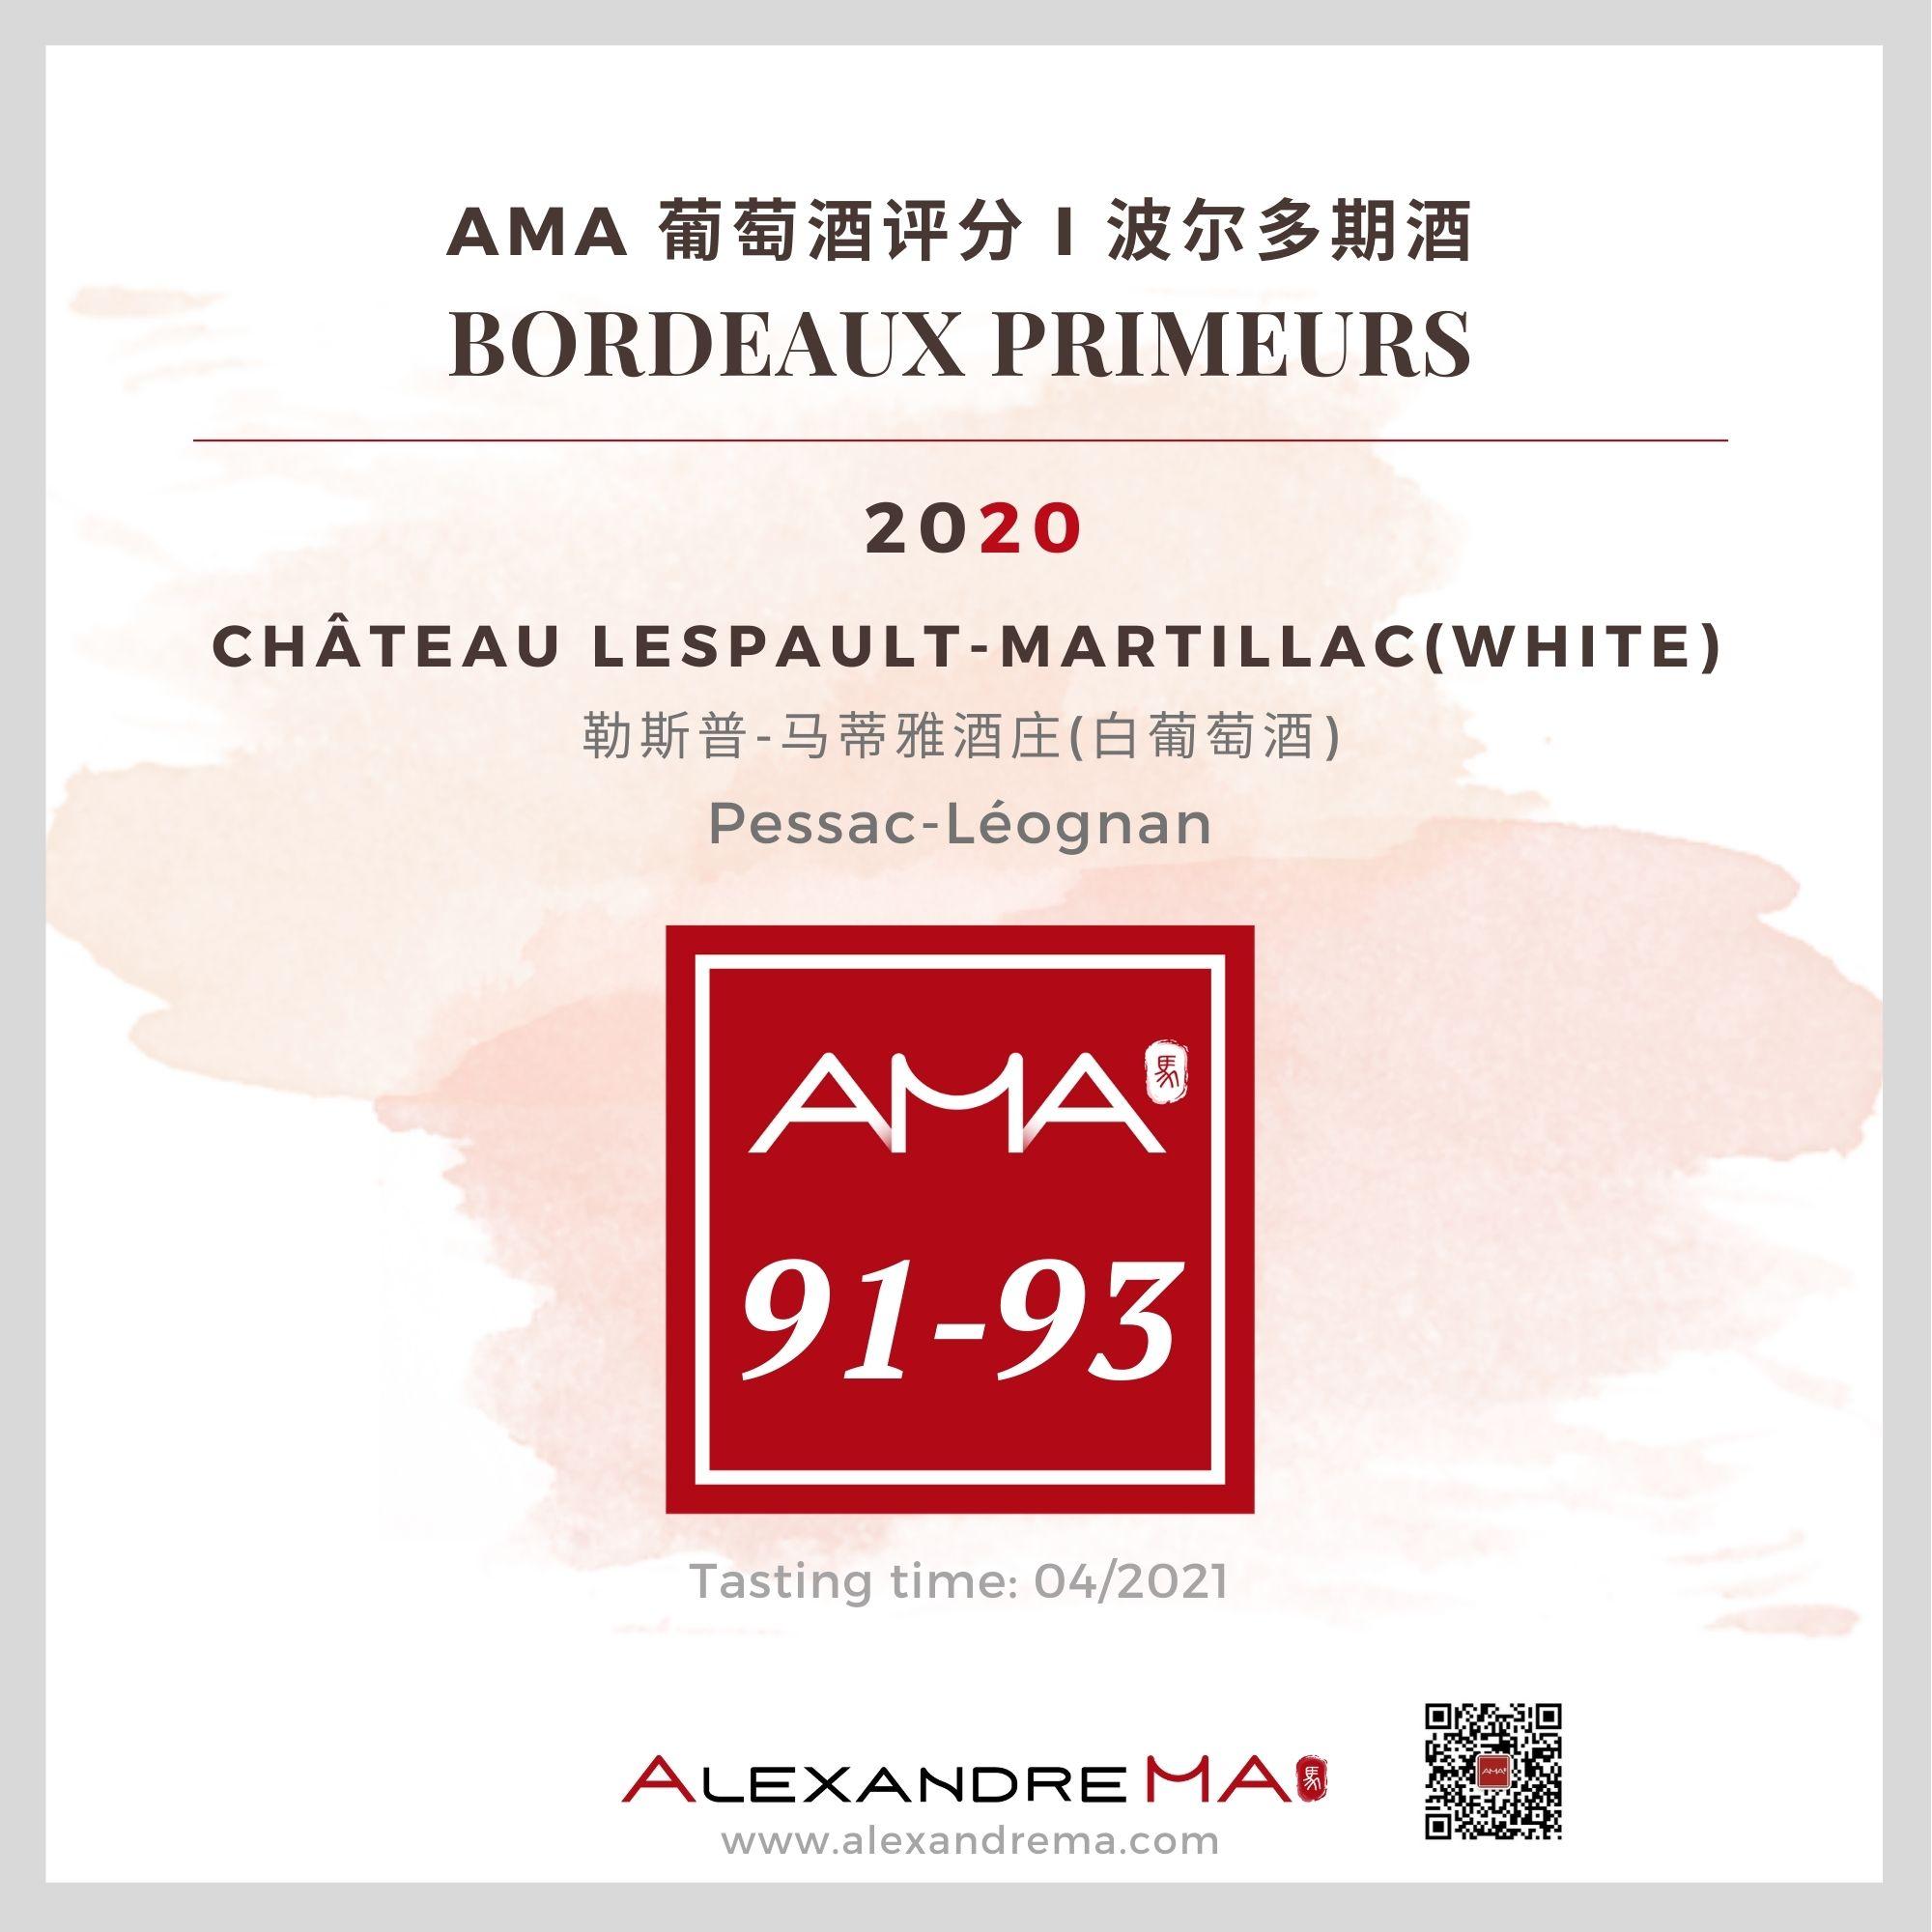 Château Lespault-Martillac – White – 2020 - Alexandre MA